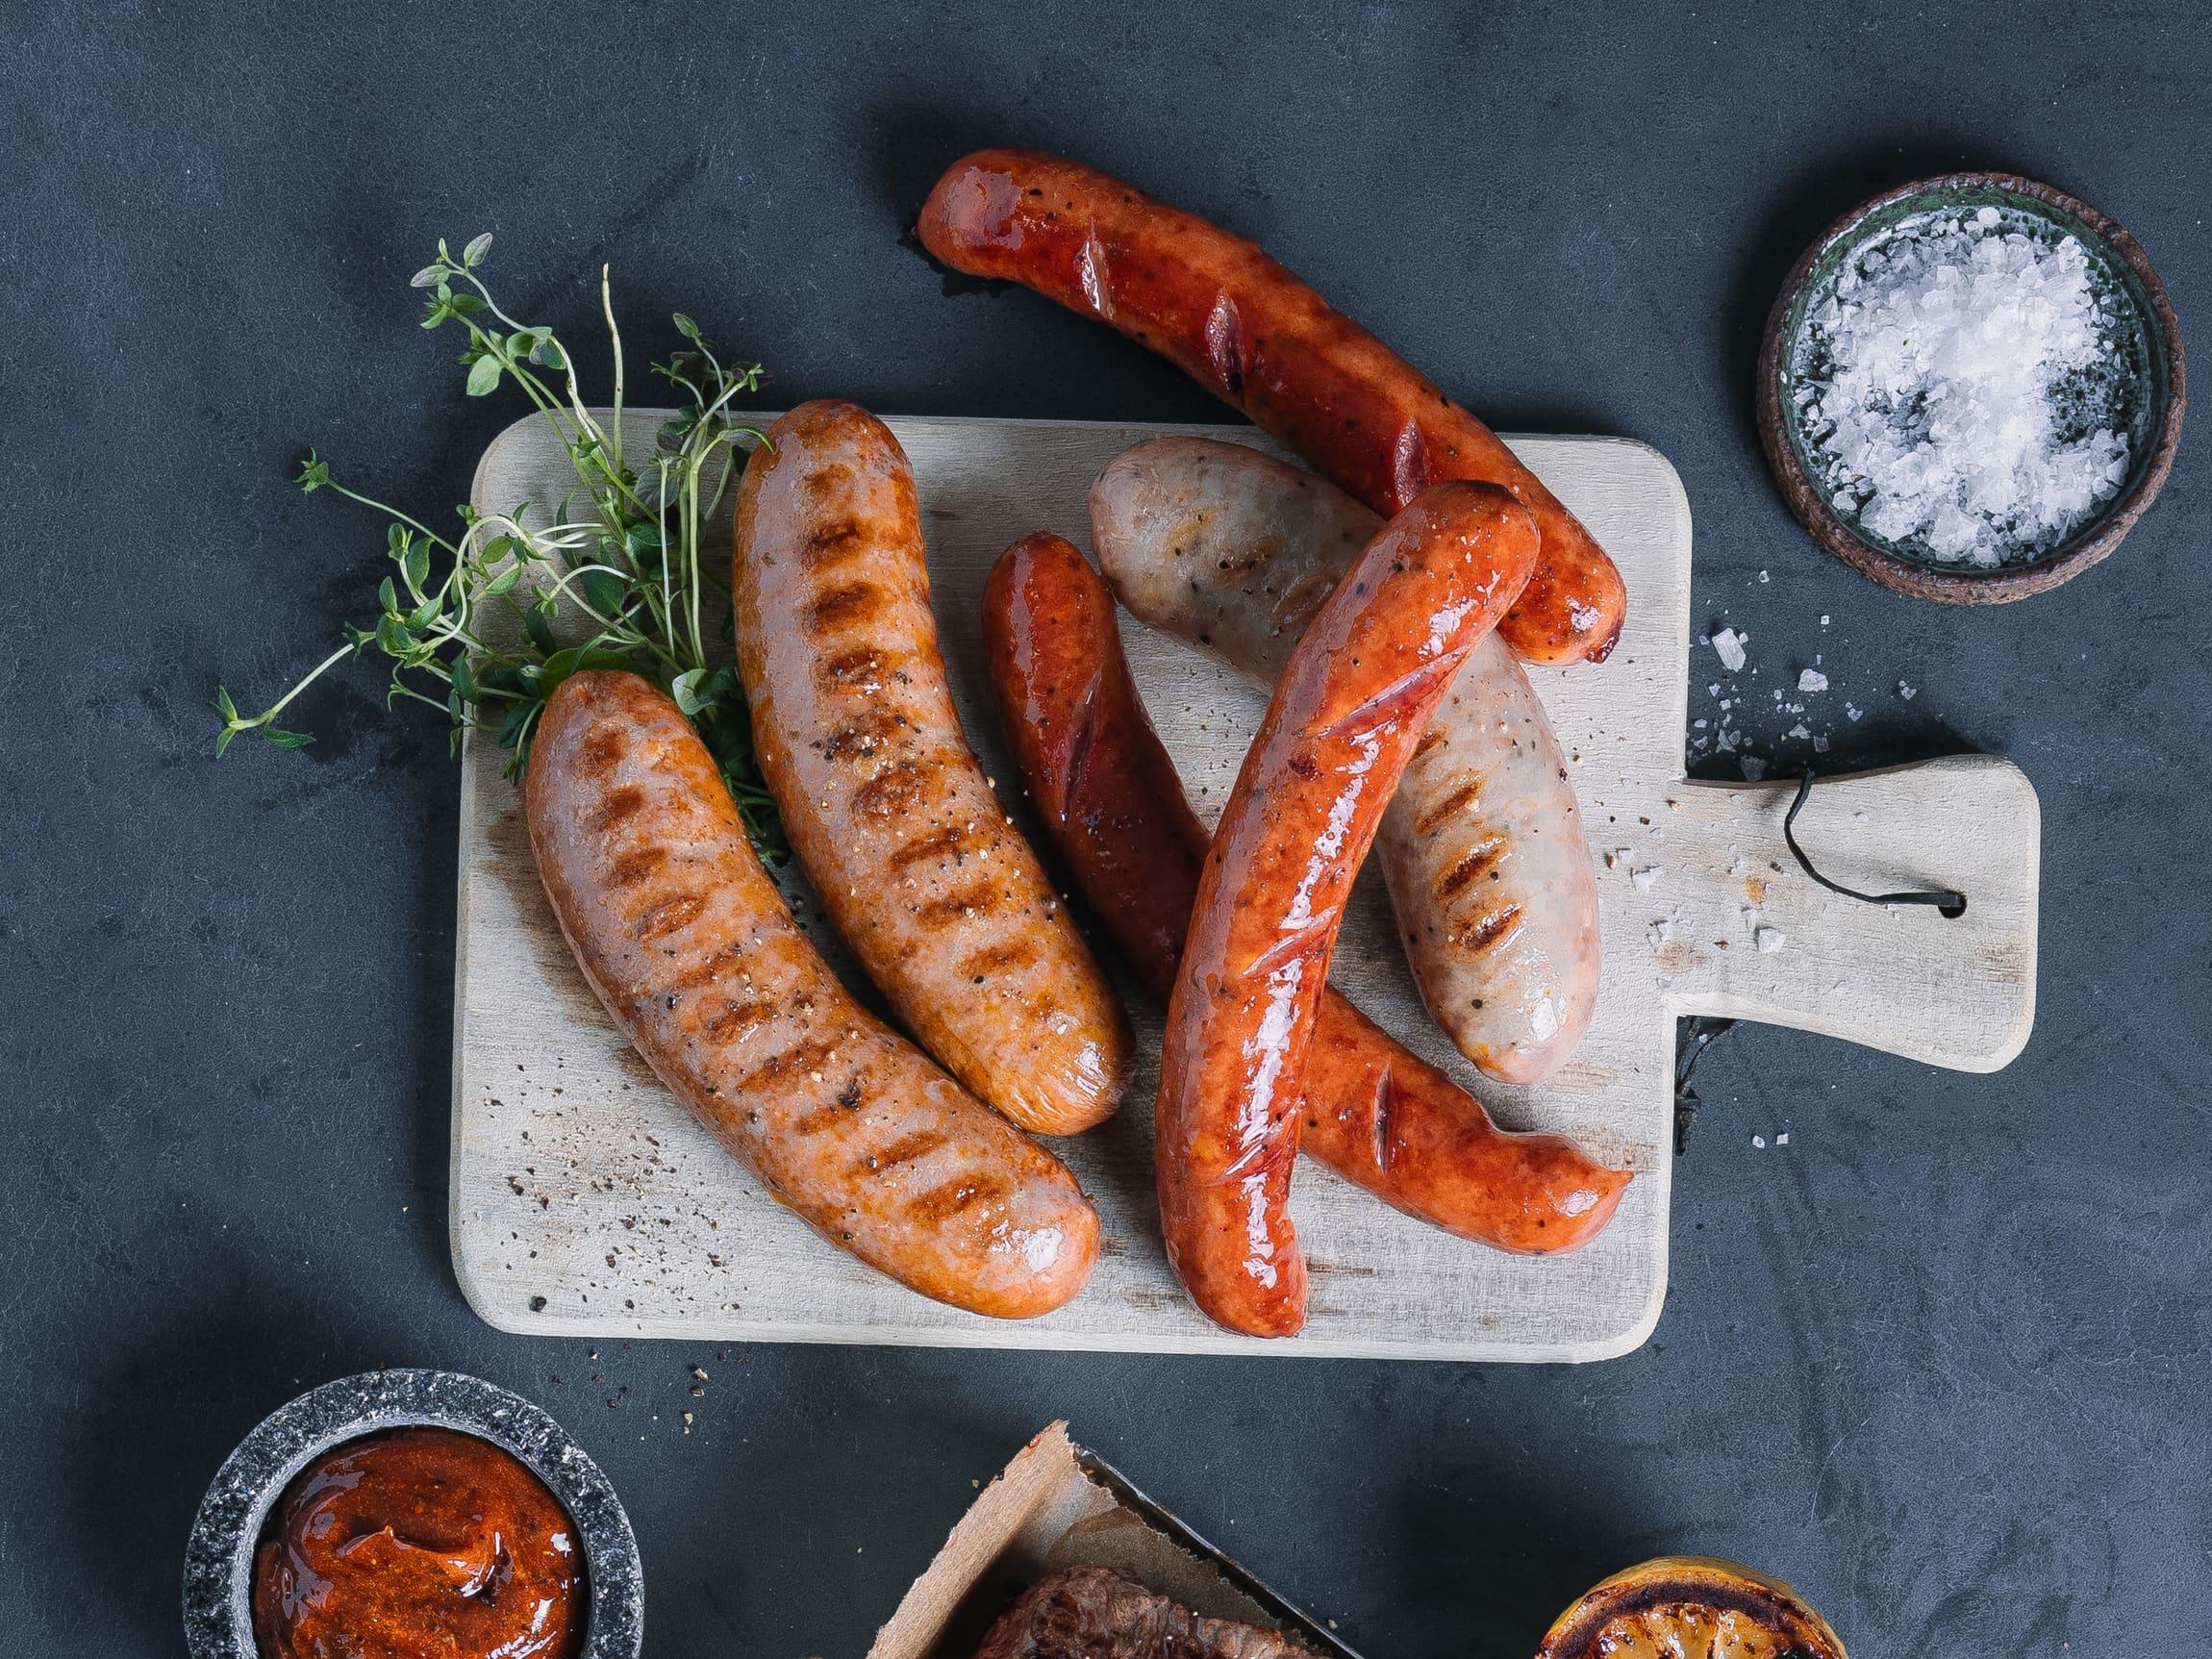 Gourmetpølser med råvarer av høy kvalitet og spennende krydder har tatt over for den vanlige ventepølsa. Nå er pølsa en hovedattraksjon på tallerkenen!